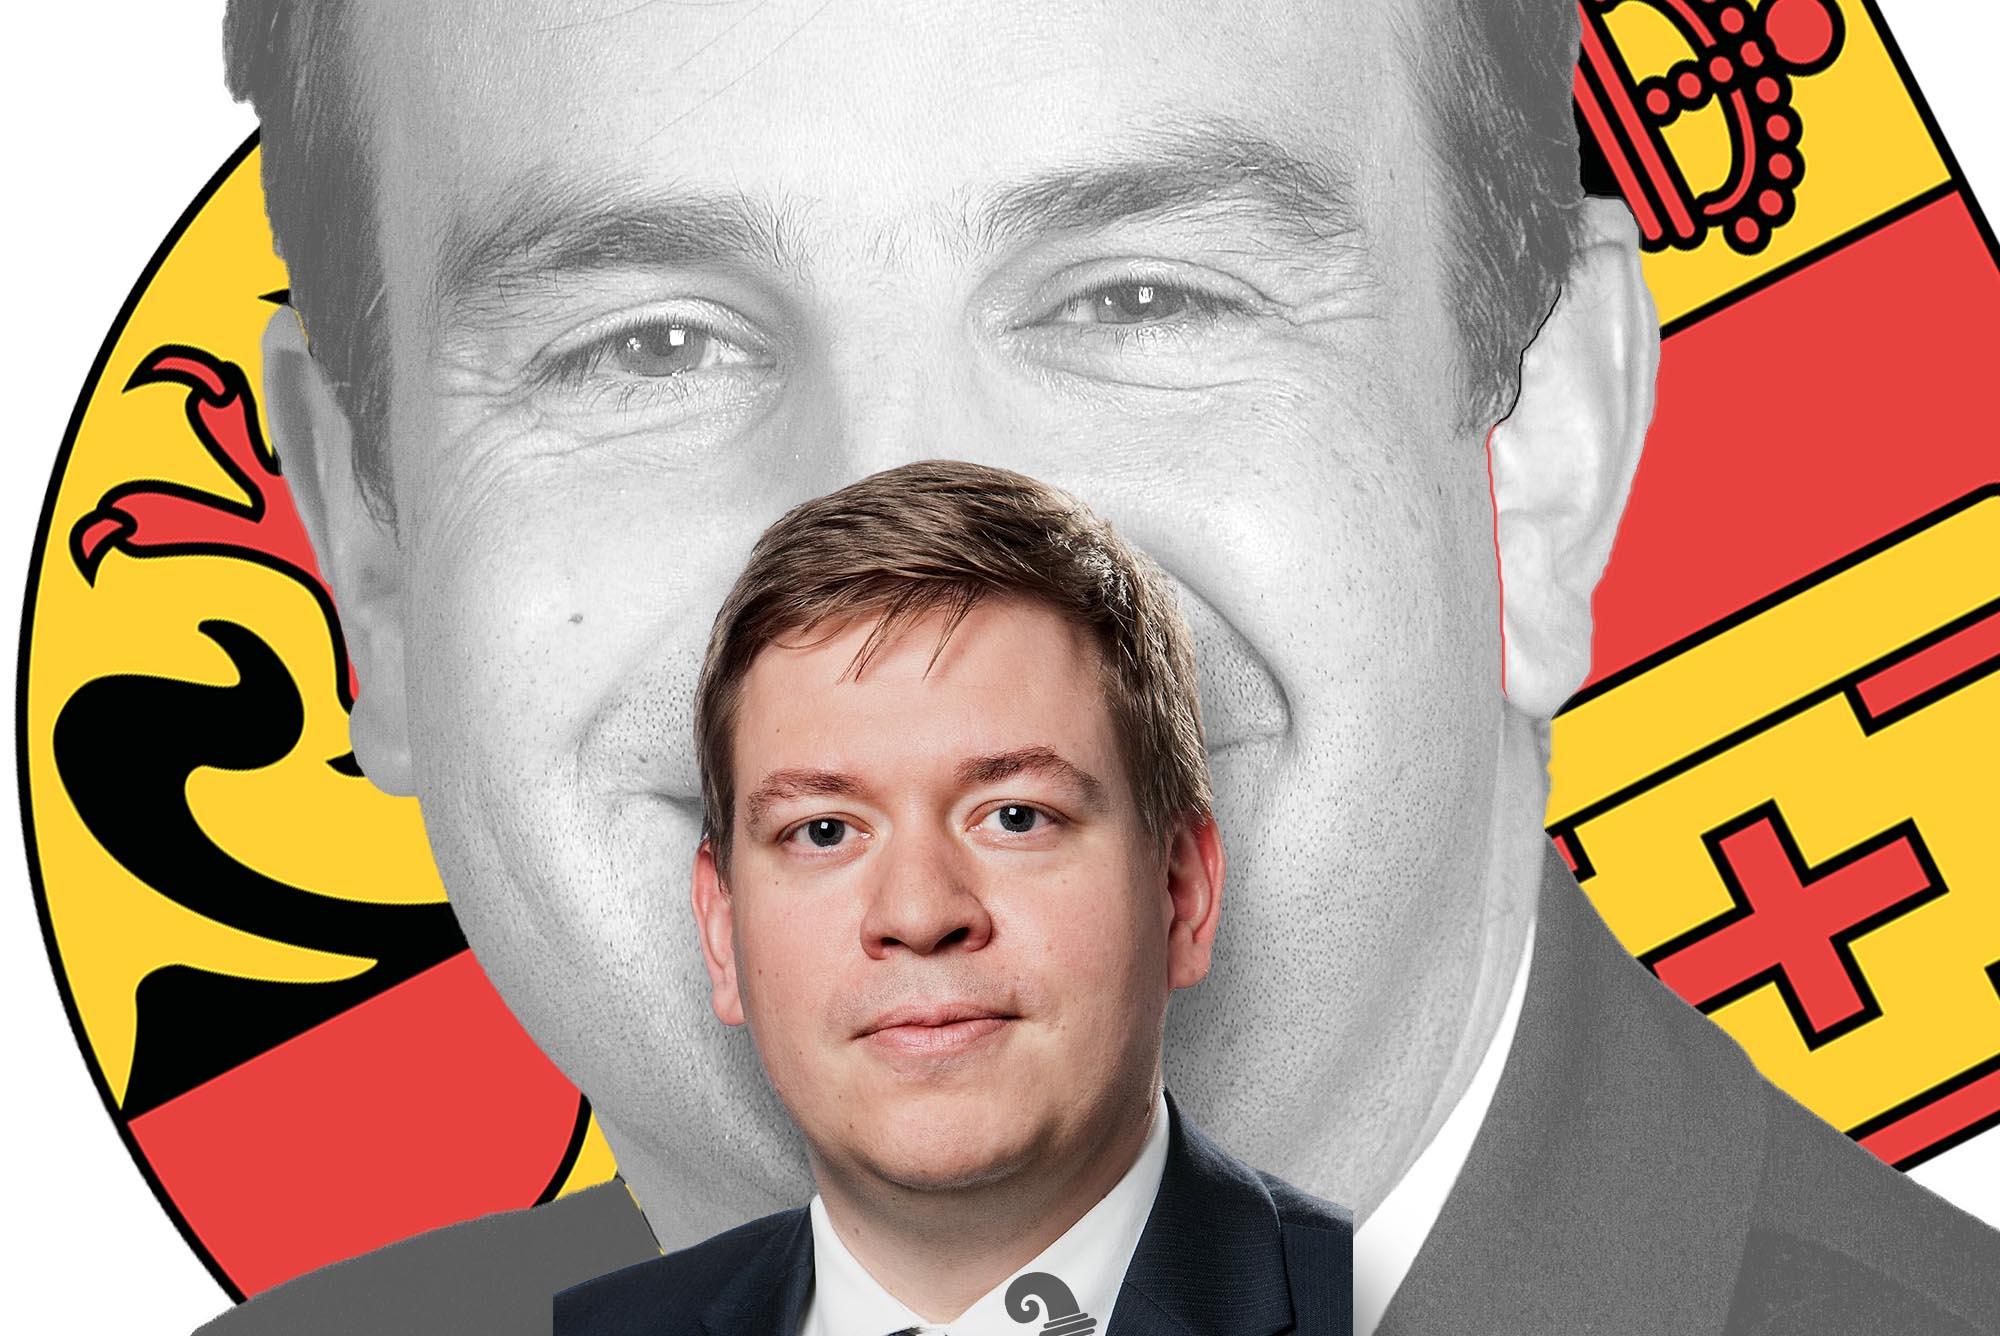 Der Basler CVP-Präsident Balz Herter ist nicht immer einverstanden mit dem nationalen CVP-Chef Gerhard Pfister. Aber auf Opp